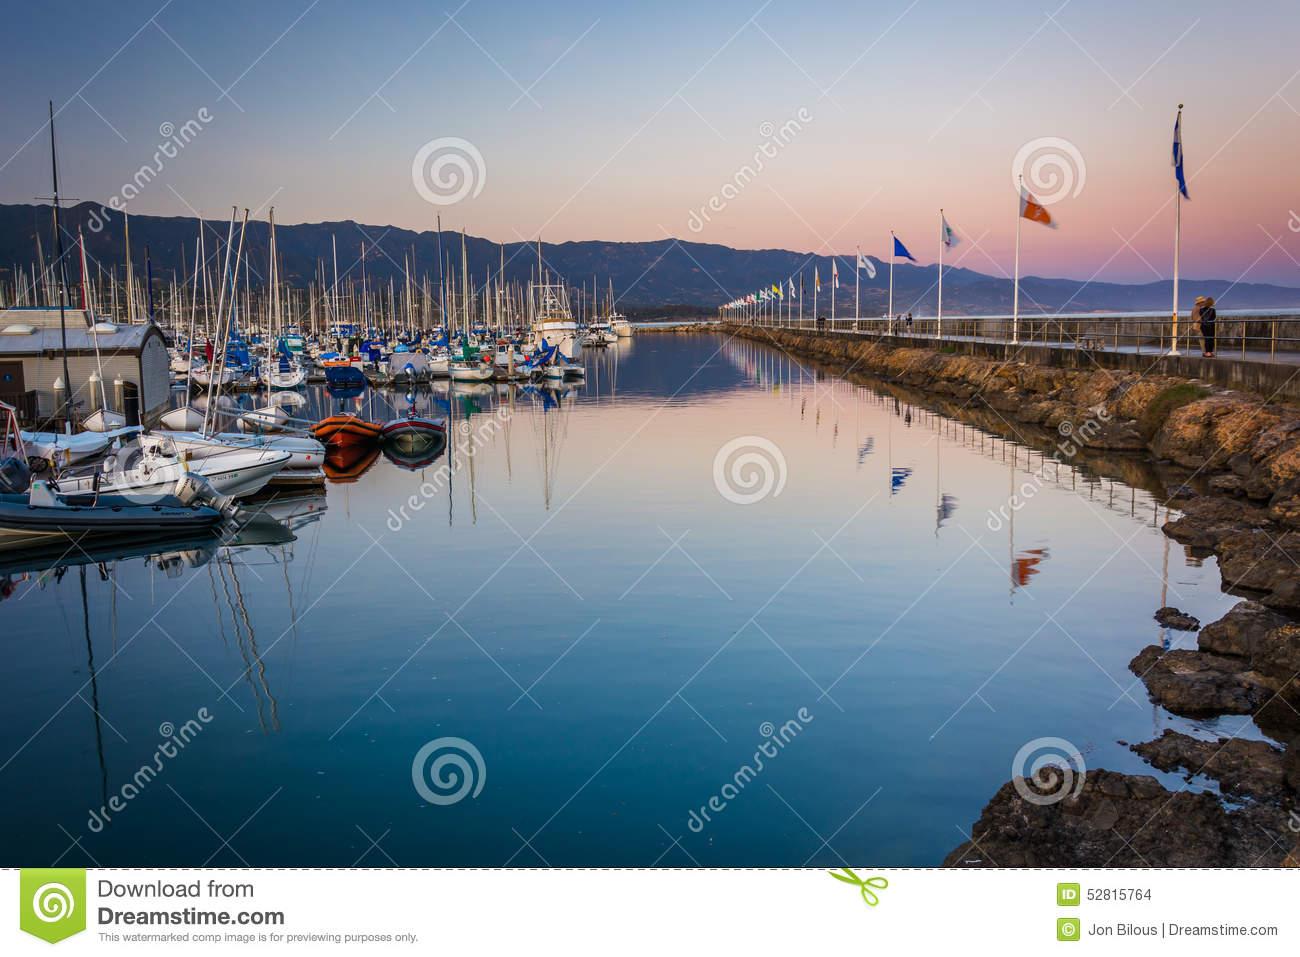 Breakwater And Boats At The Harbor At Sunset, In Santa Barbara.